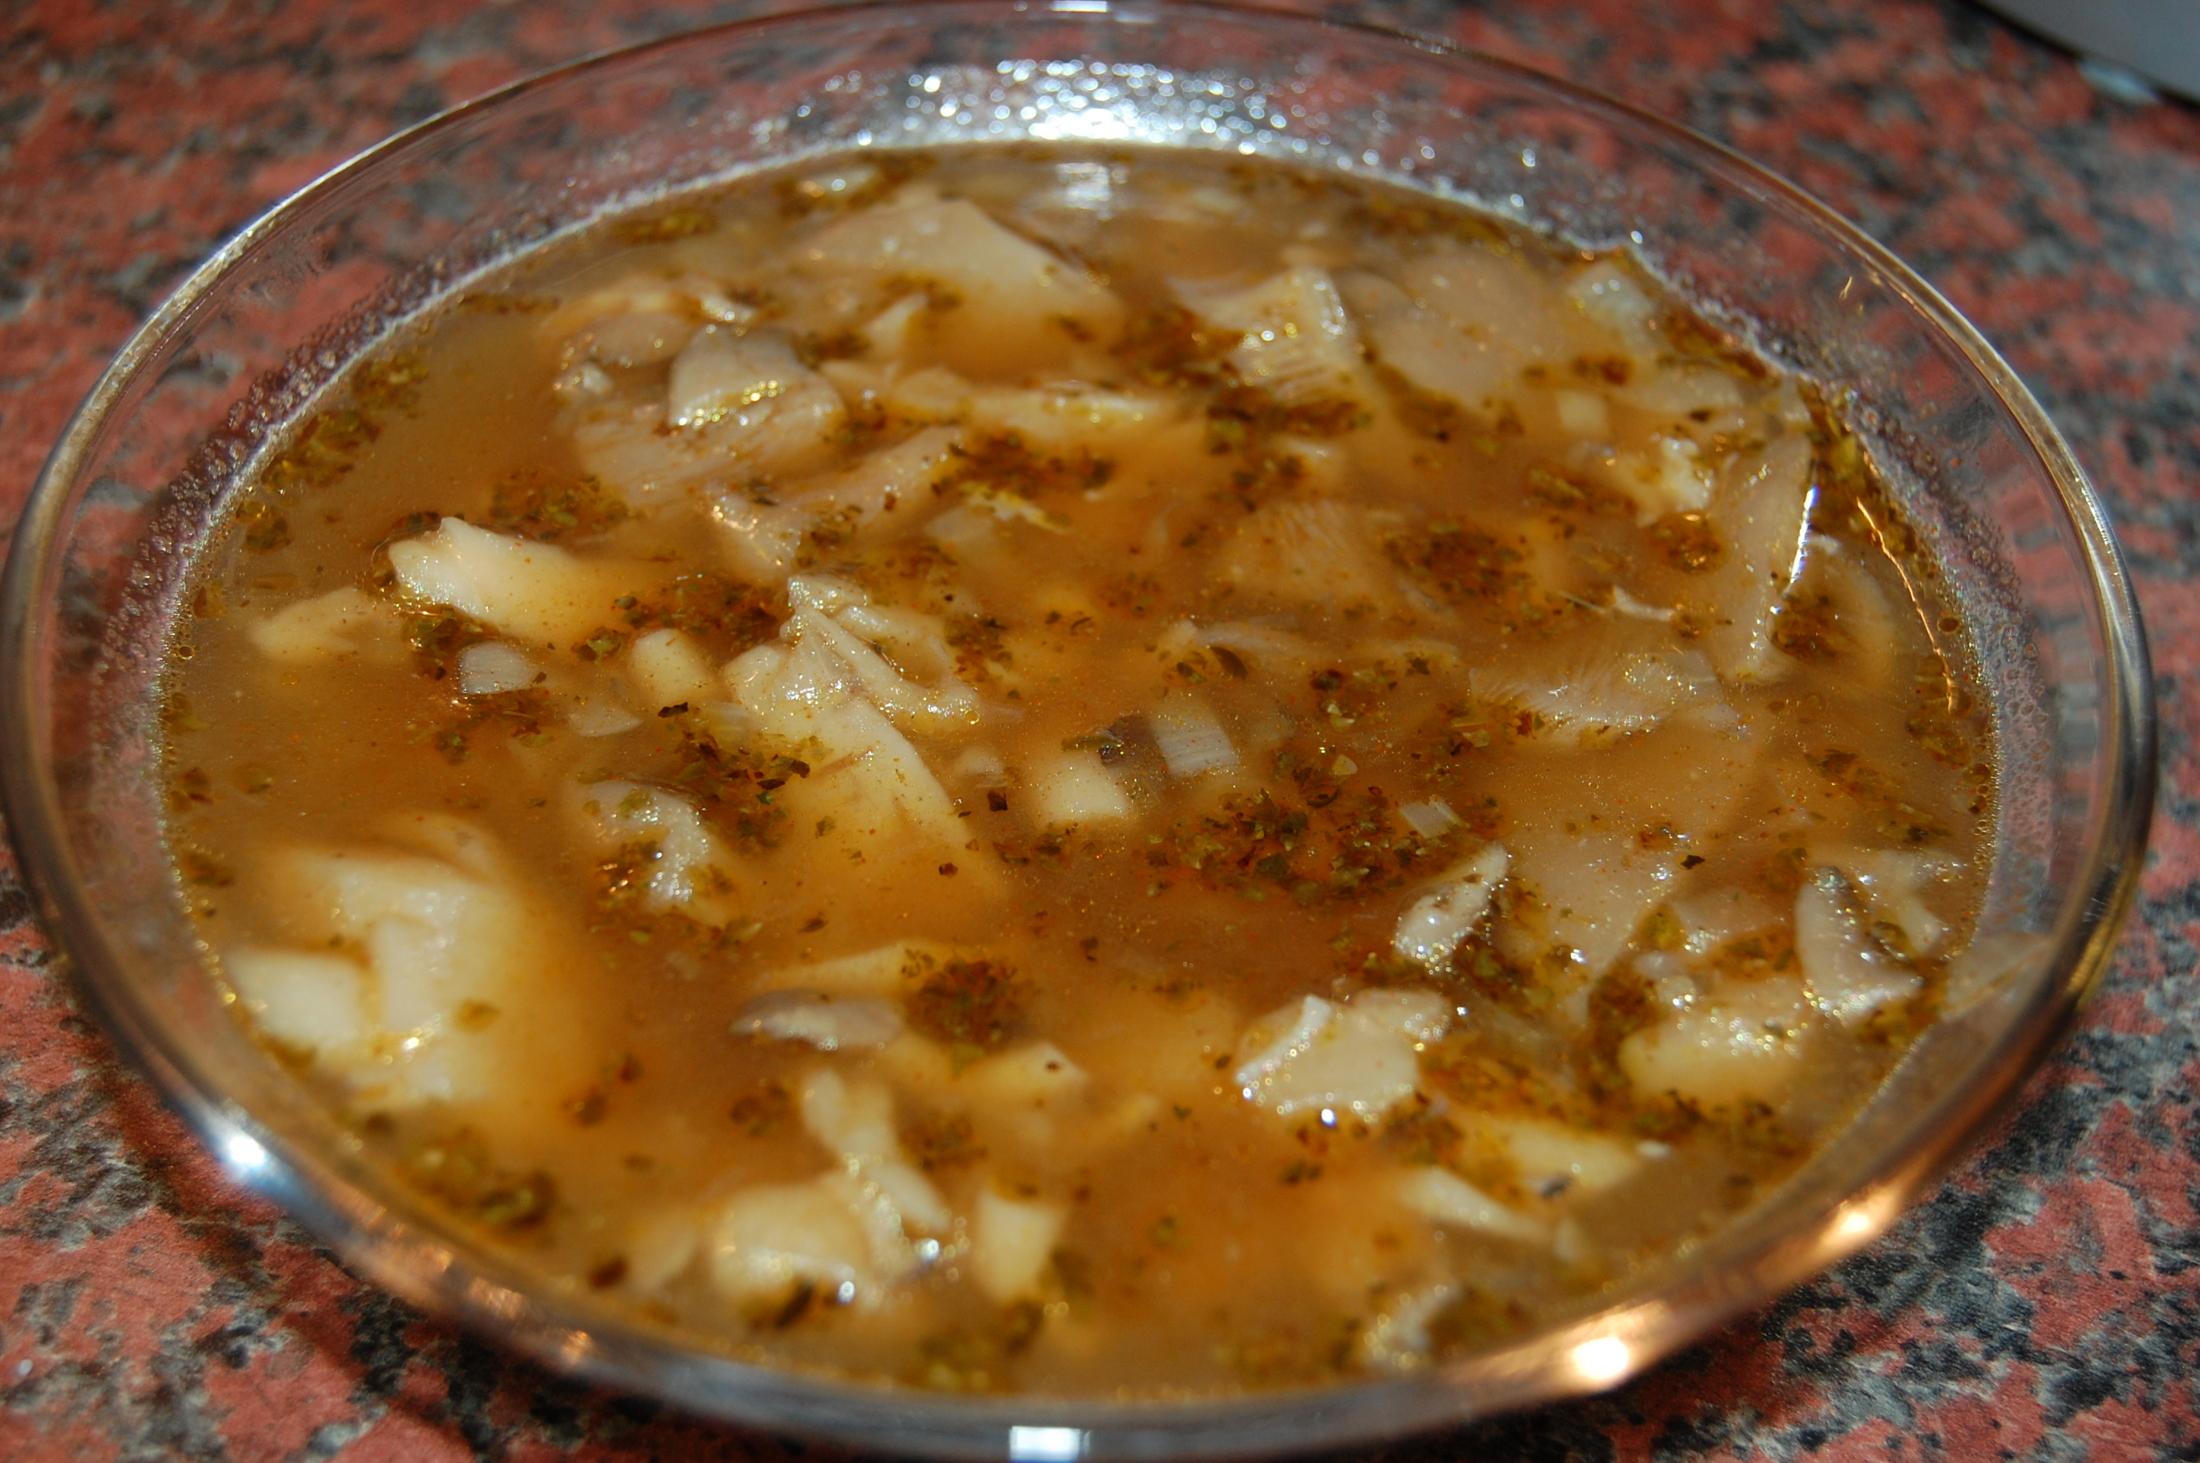 Fotografie receptu: Falešná dršťková polévka z hlívy ústřičné